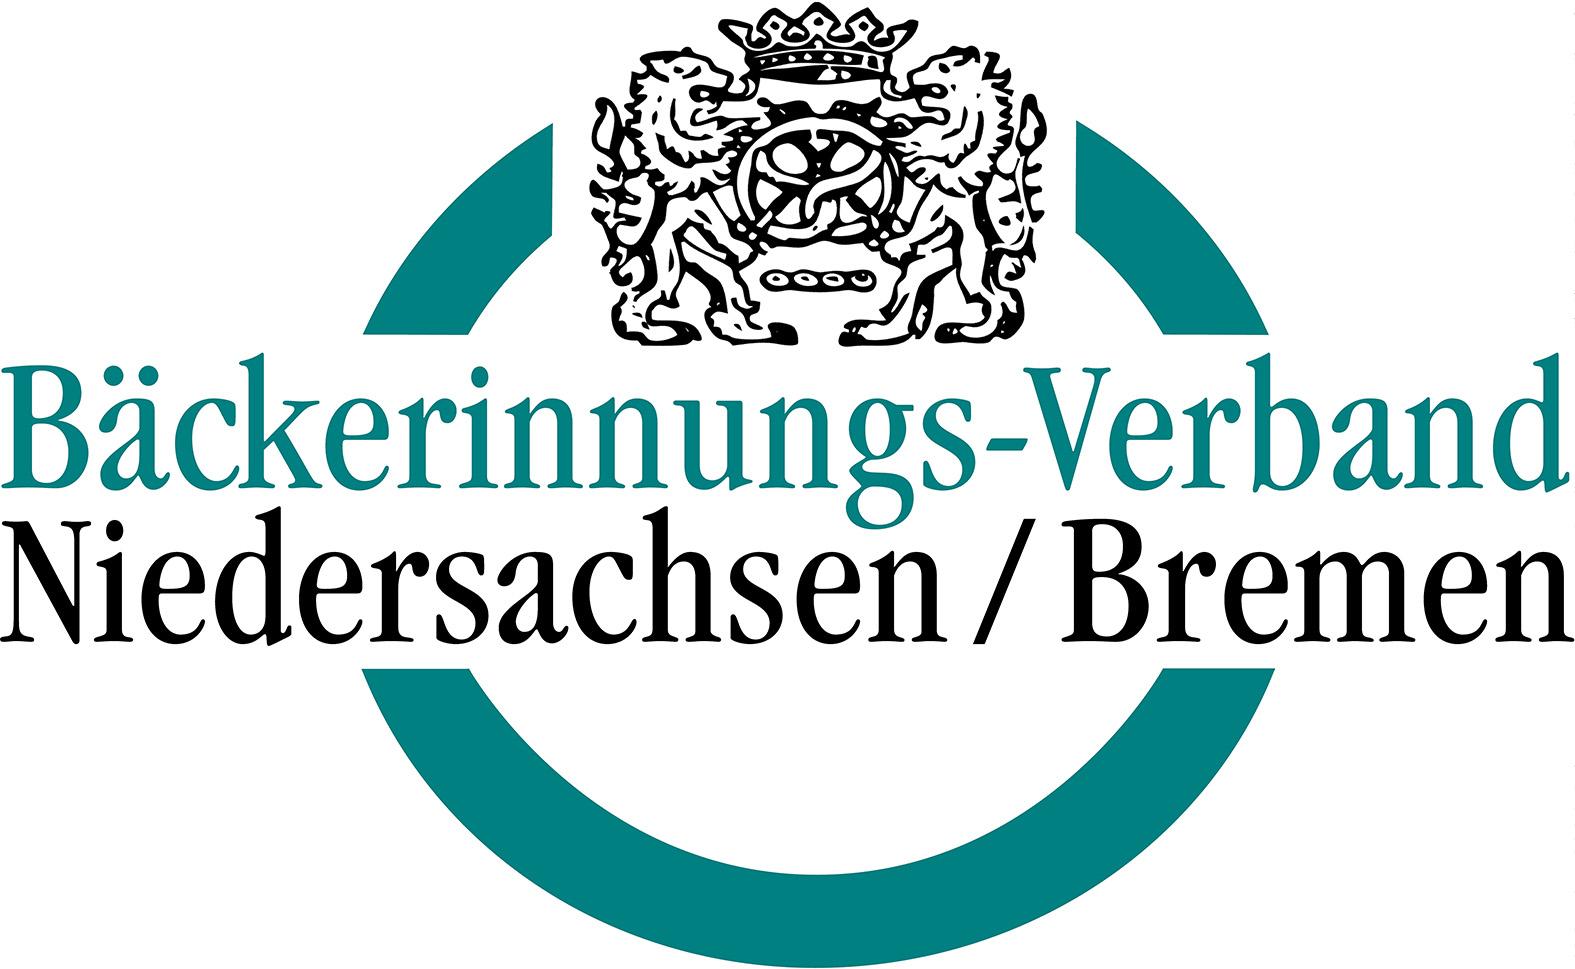 Bäckerhandwerk in Niedersachsen von Corona-Maßnahmen stark getroffen